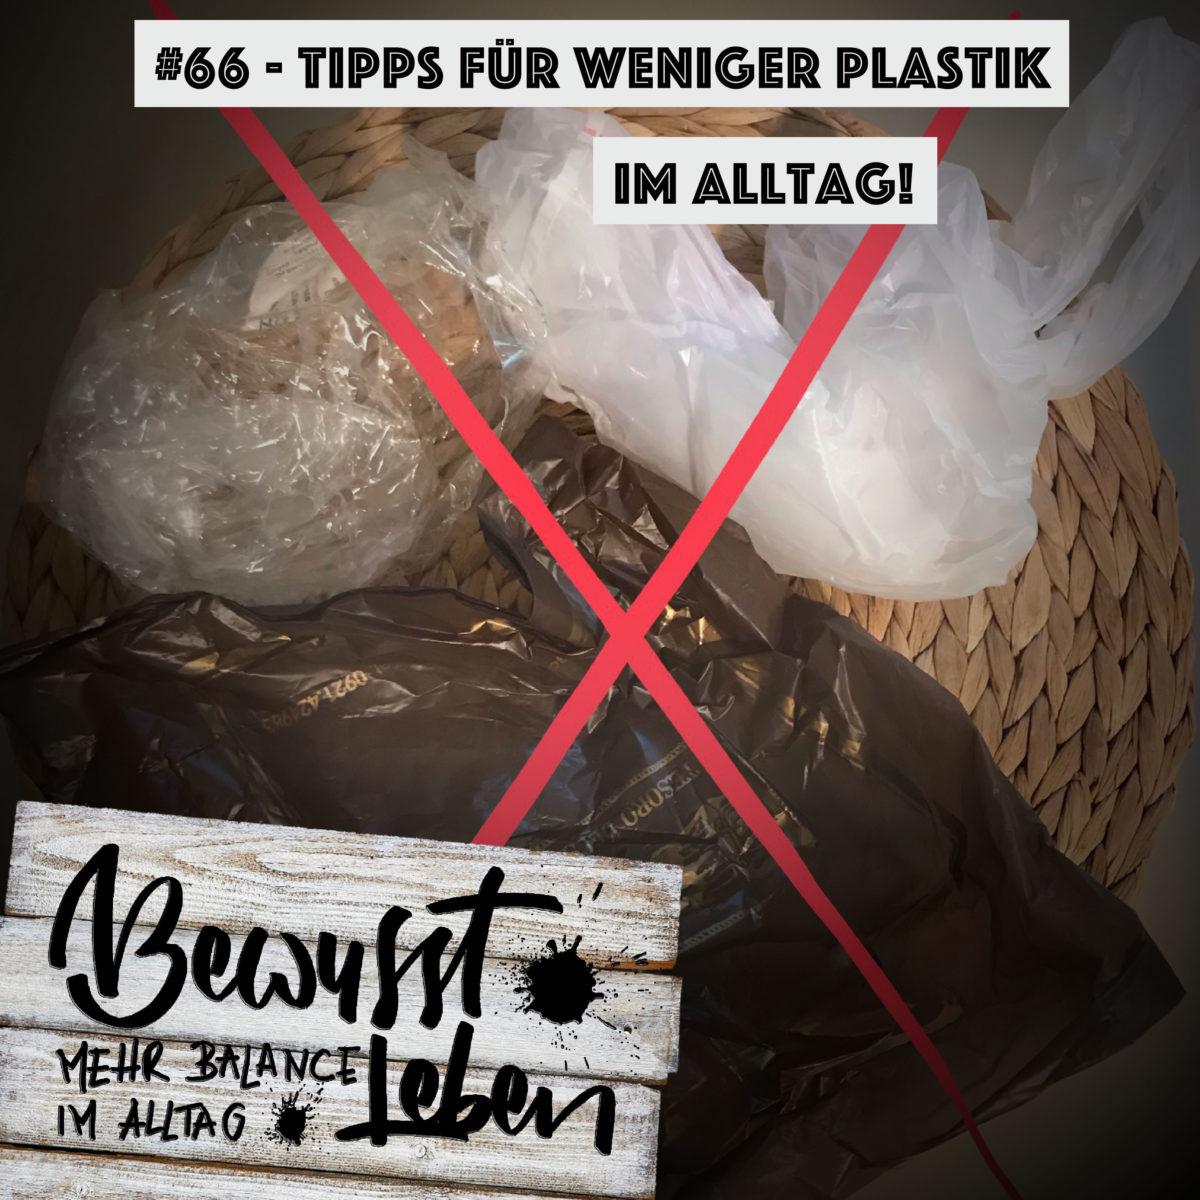 Tipps für weniger Plastik im Alltag